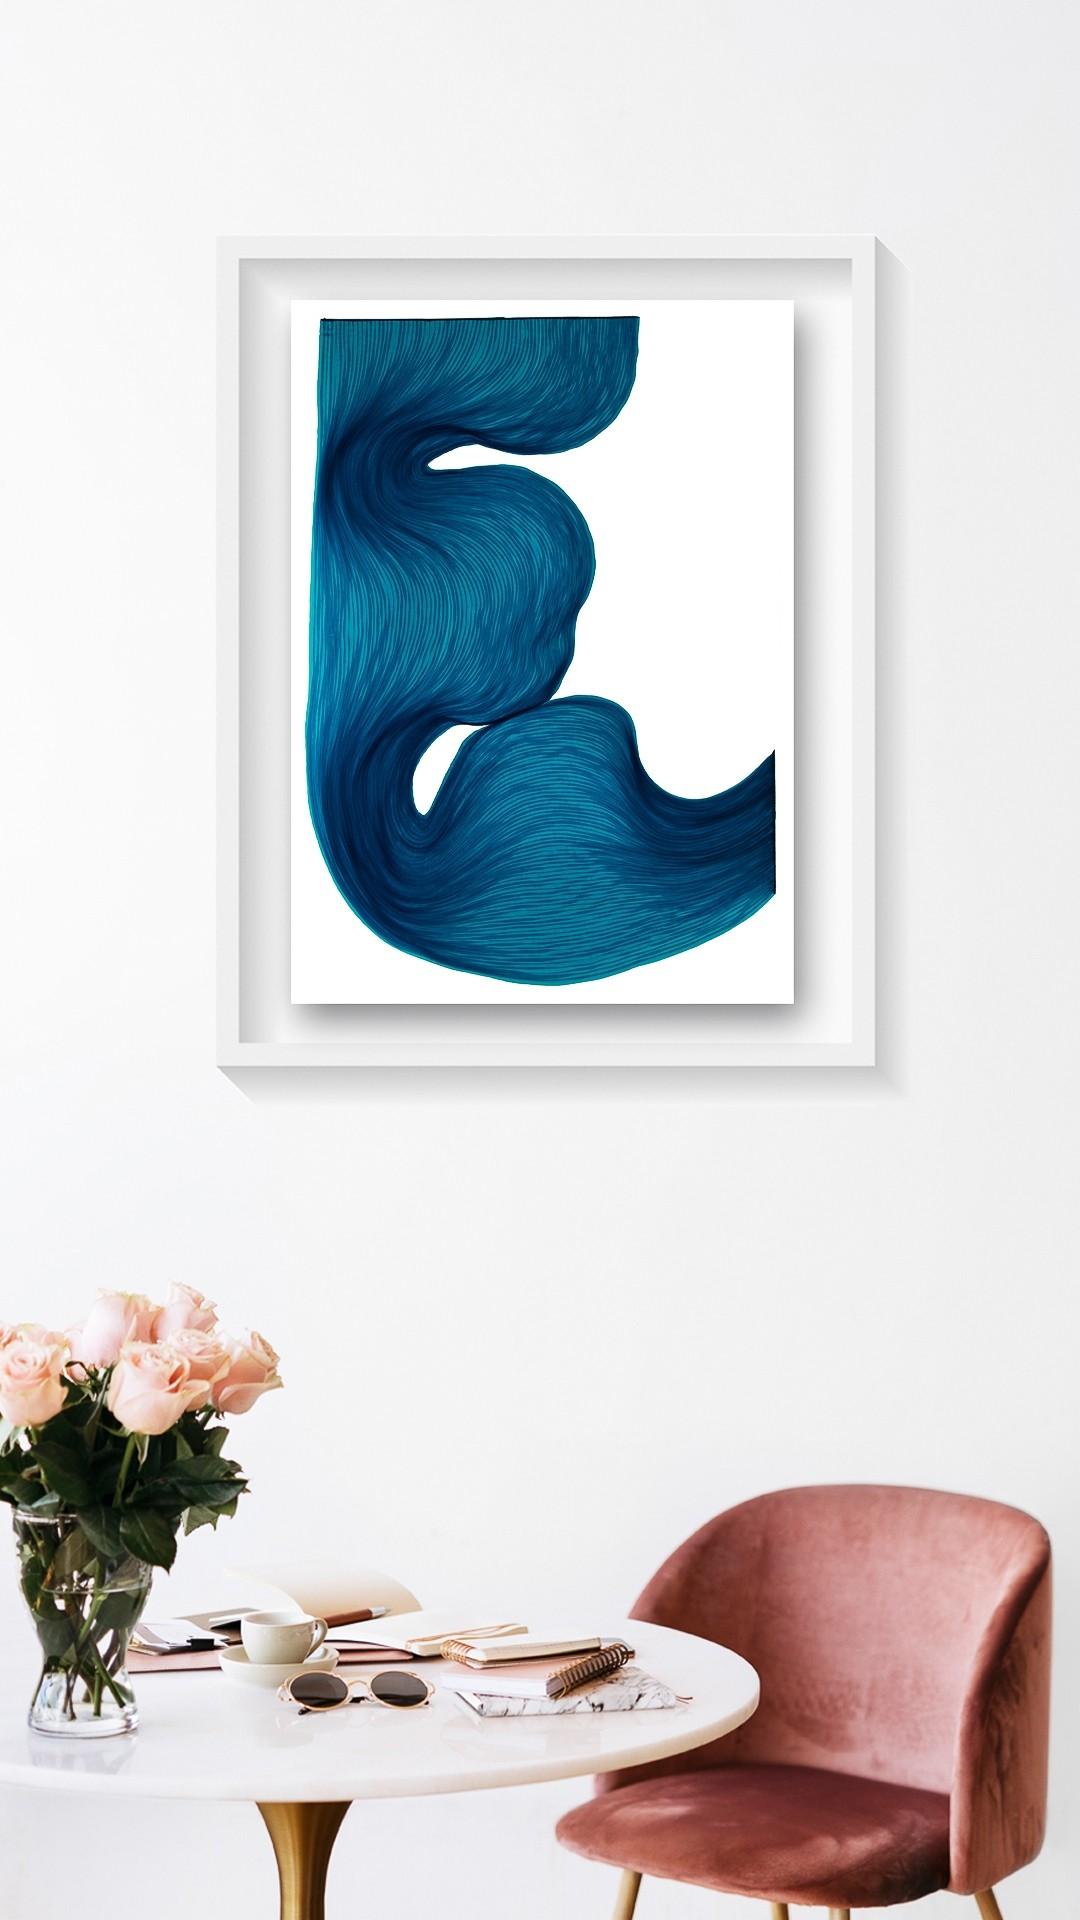 Rich Blue | Lali Torma | Zeichnung | Kalligraphietusche auf Papier, gerahmt - 2